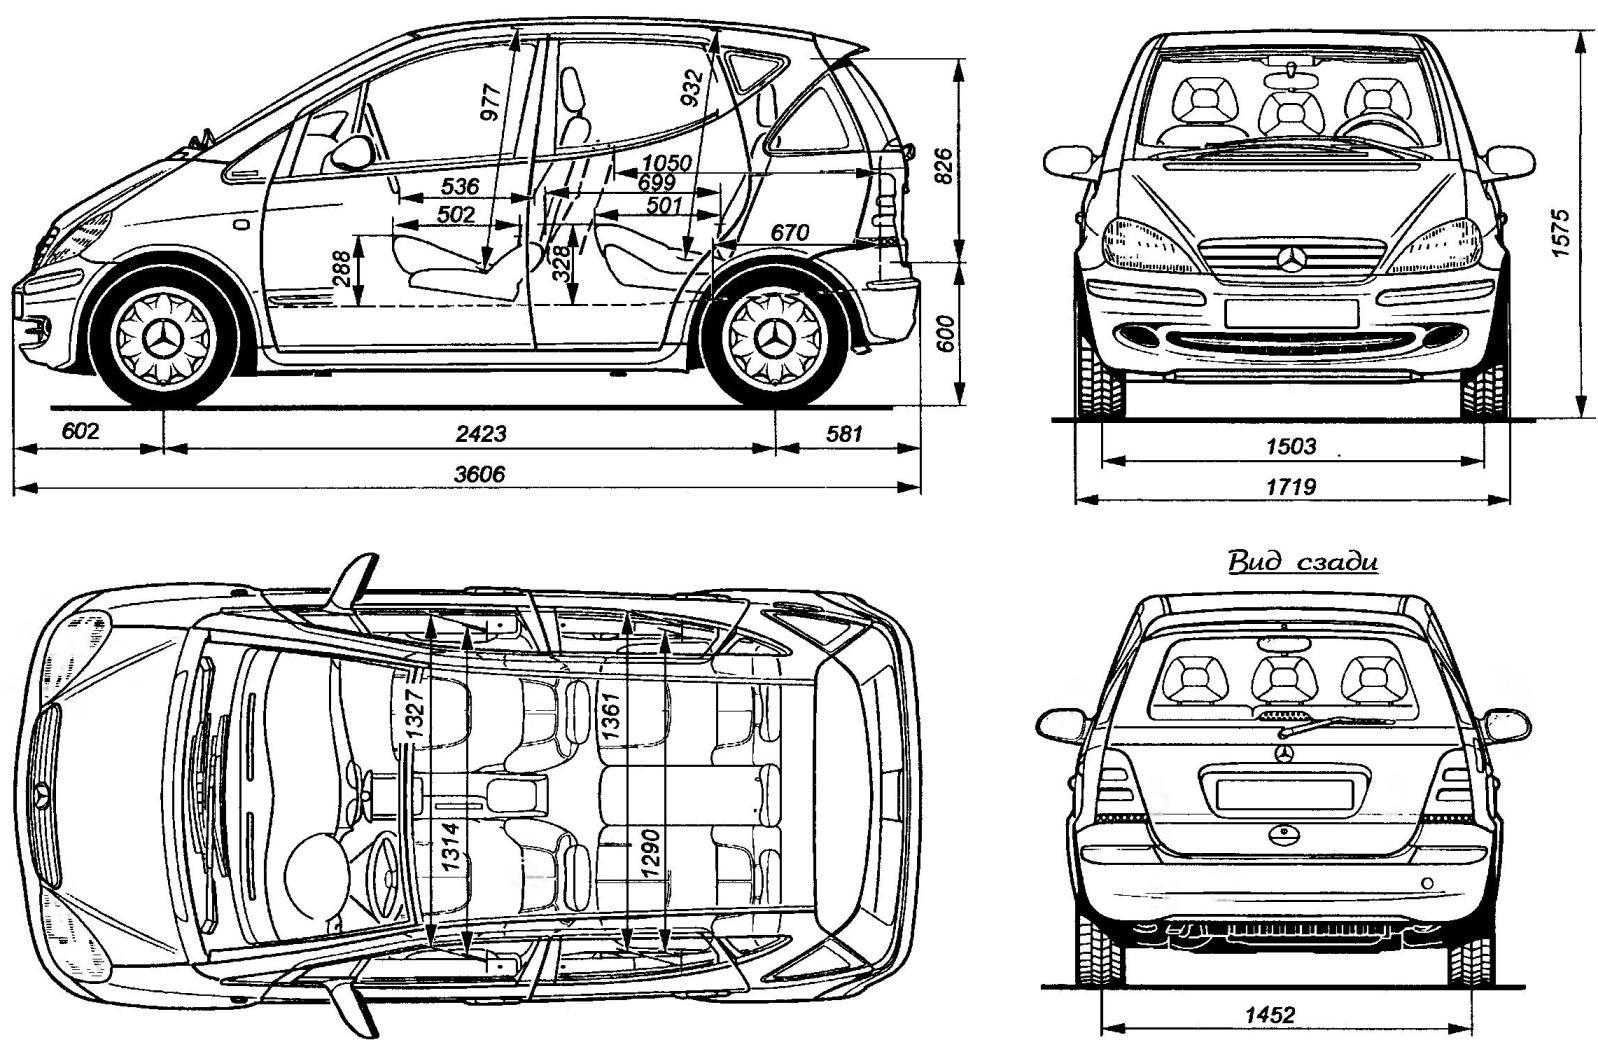 Геометрическая схема автомобиля MERCEDES-BENZ А 140 (стандартная версия)